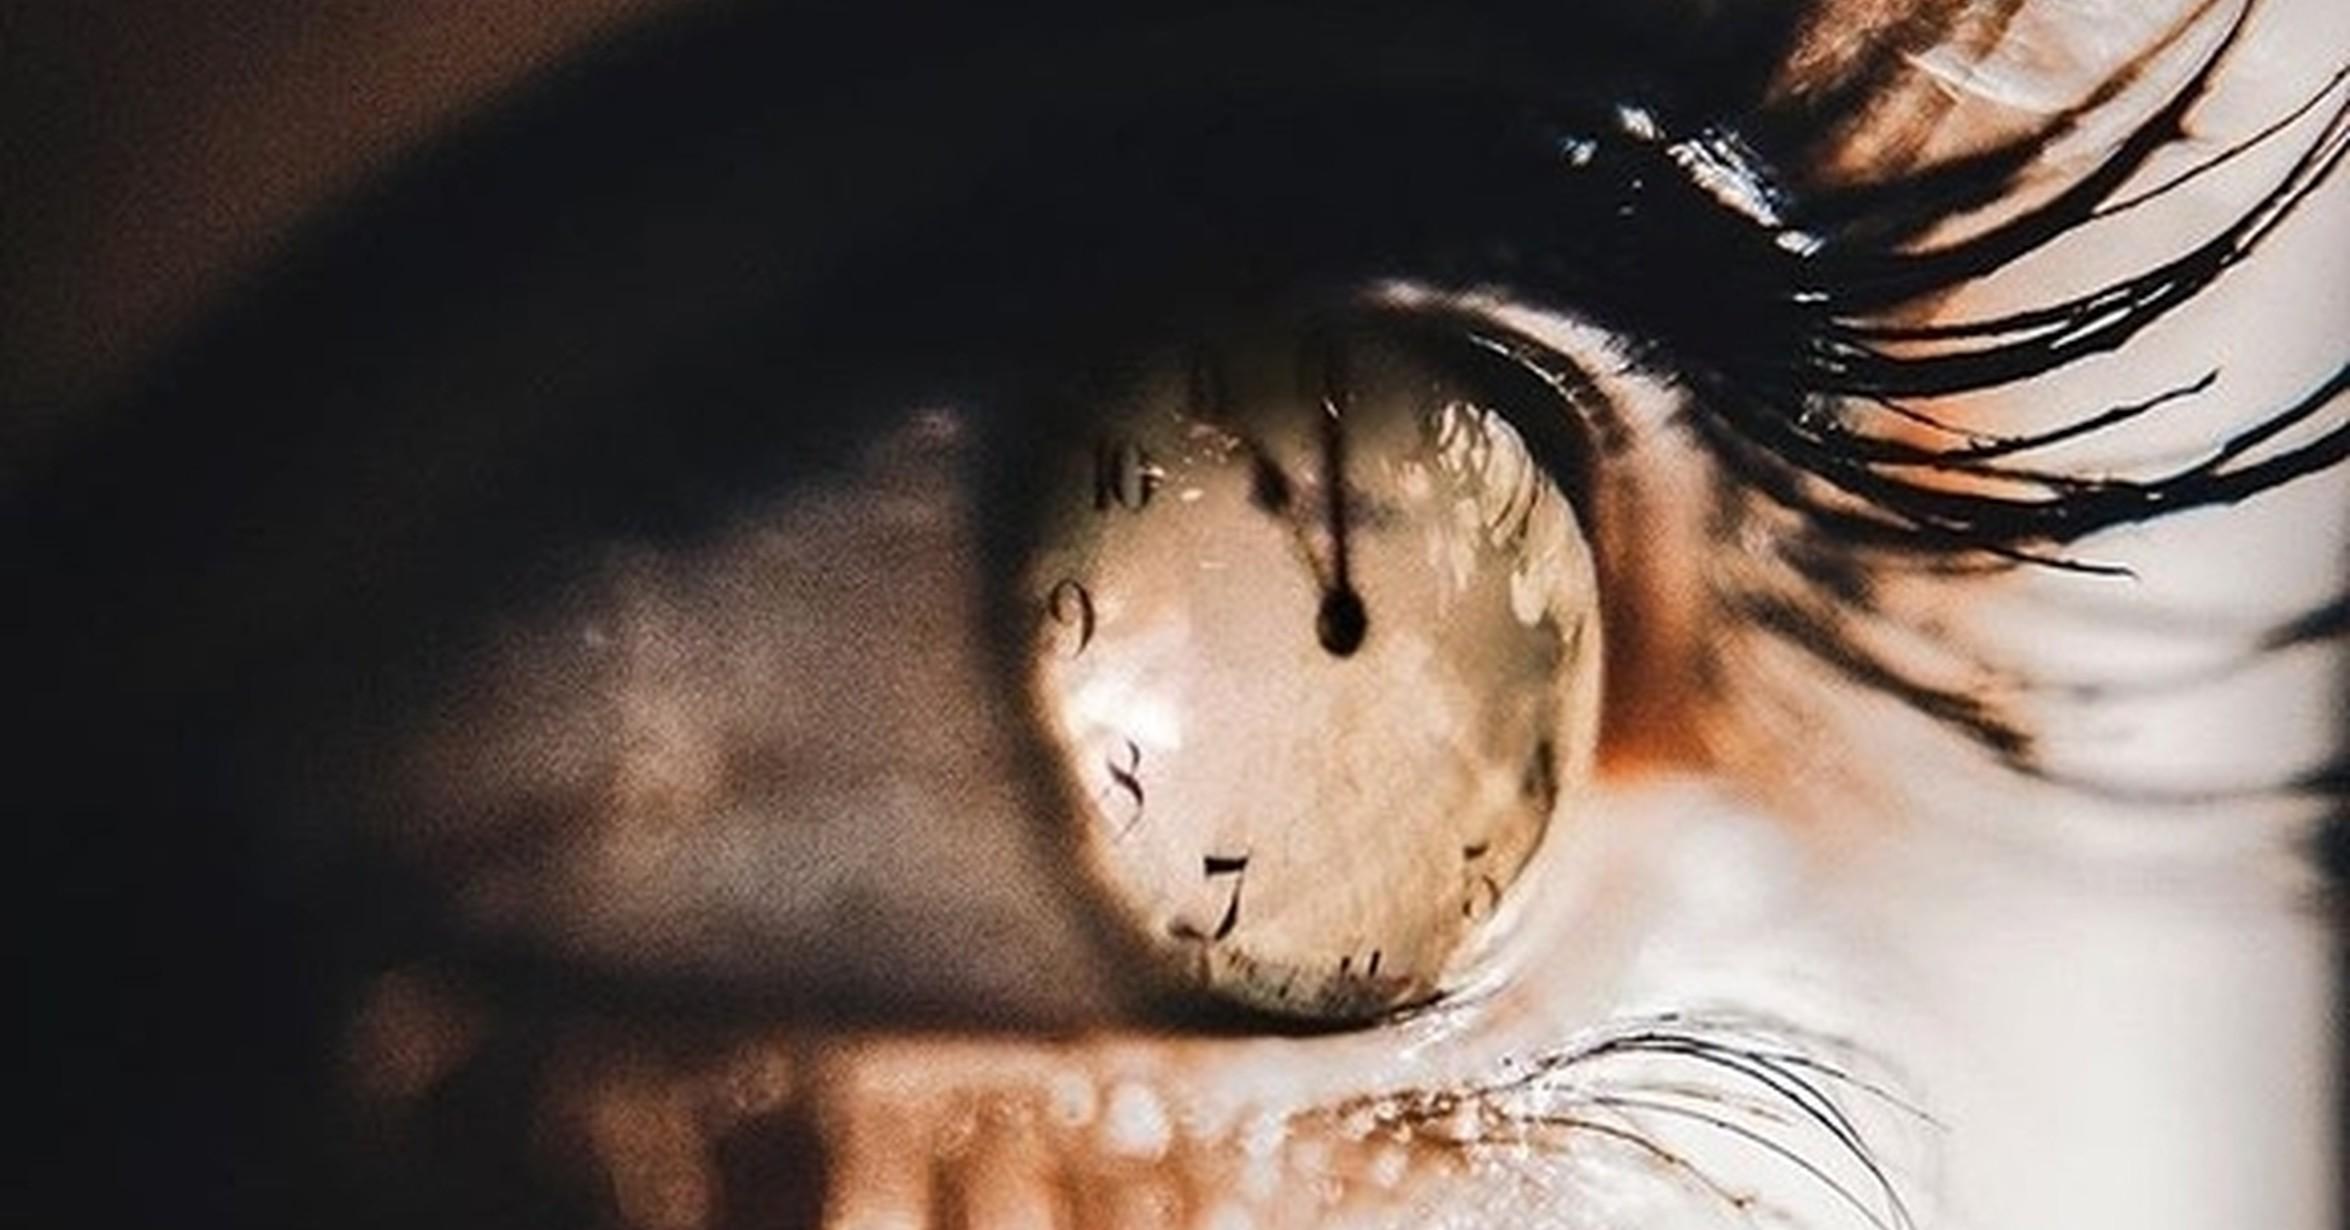 ԹԵՍՏ. Ի՞նչ խորհրդավոր բան կա Ձեր աչքերում